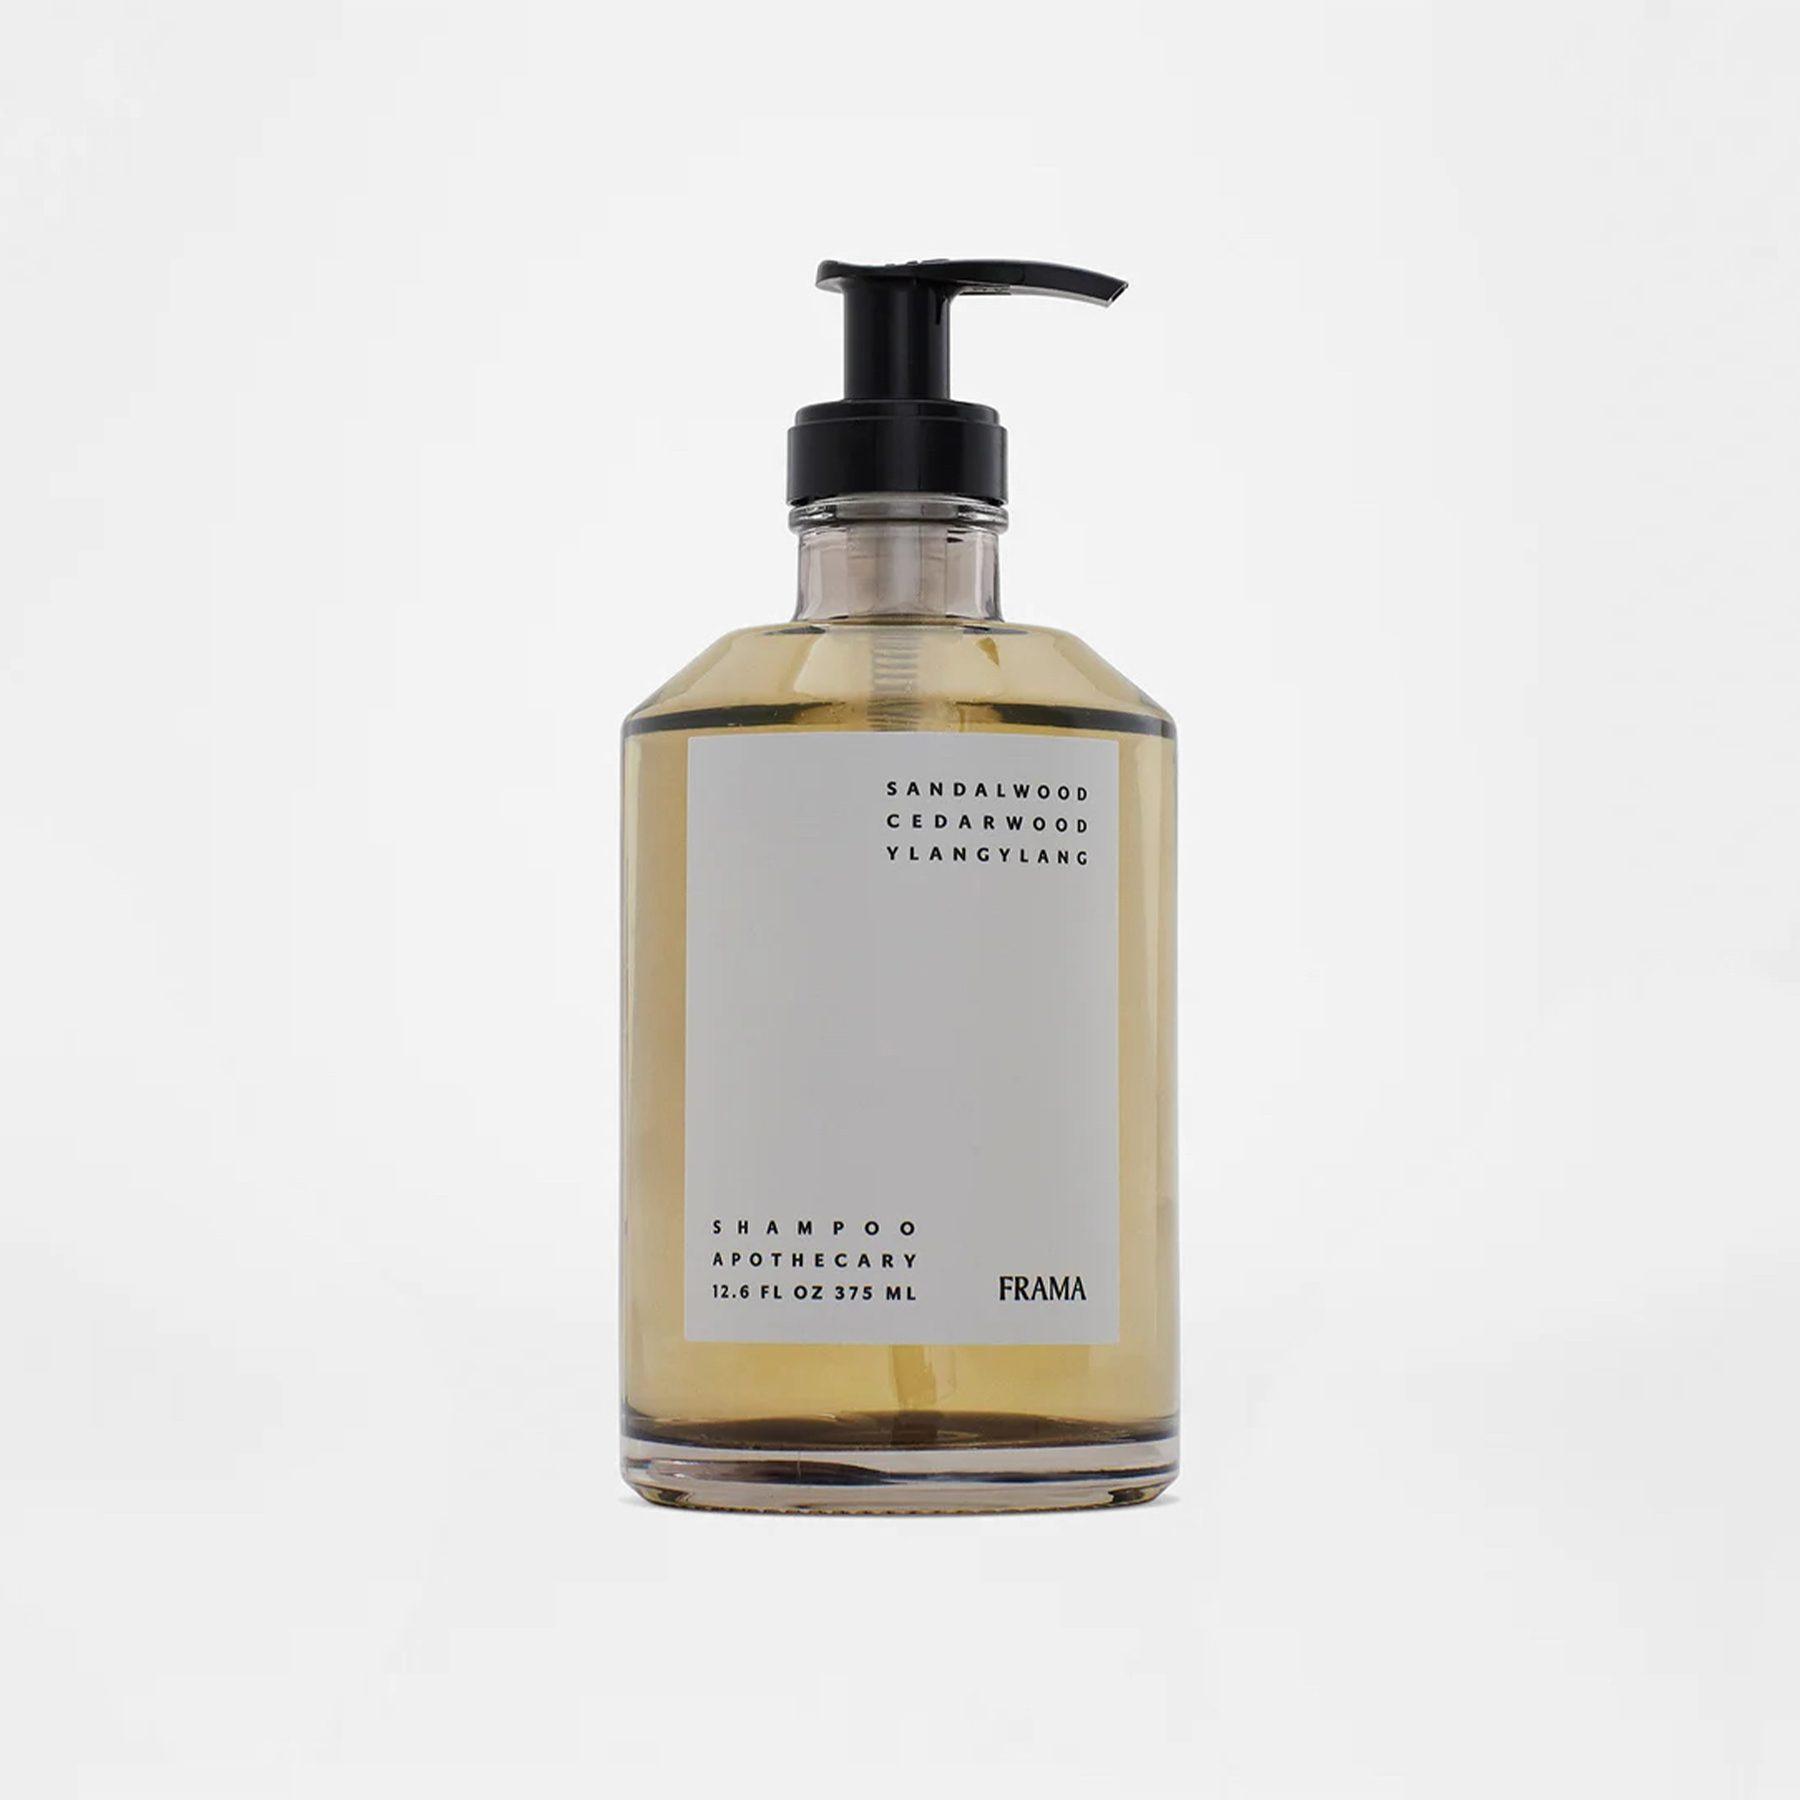 Frama Apothecary Shampoo